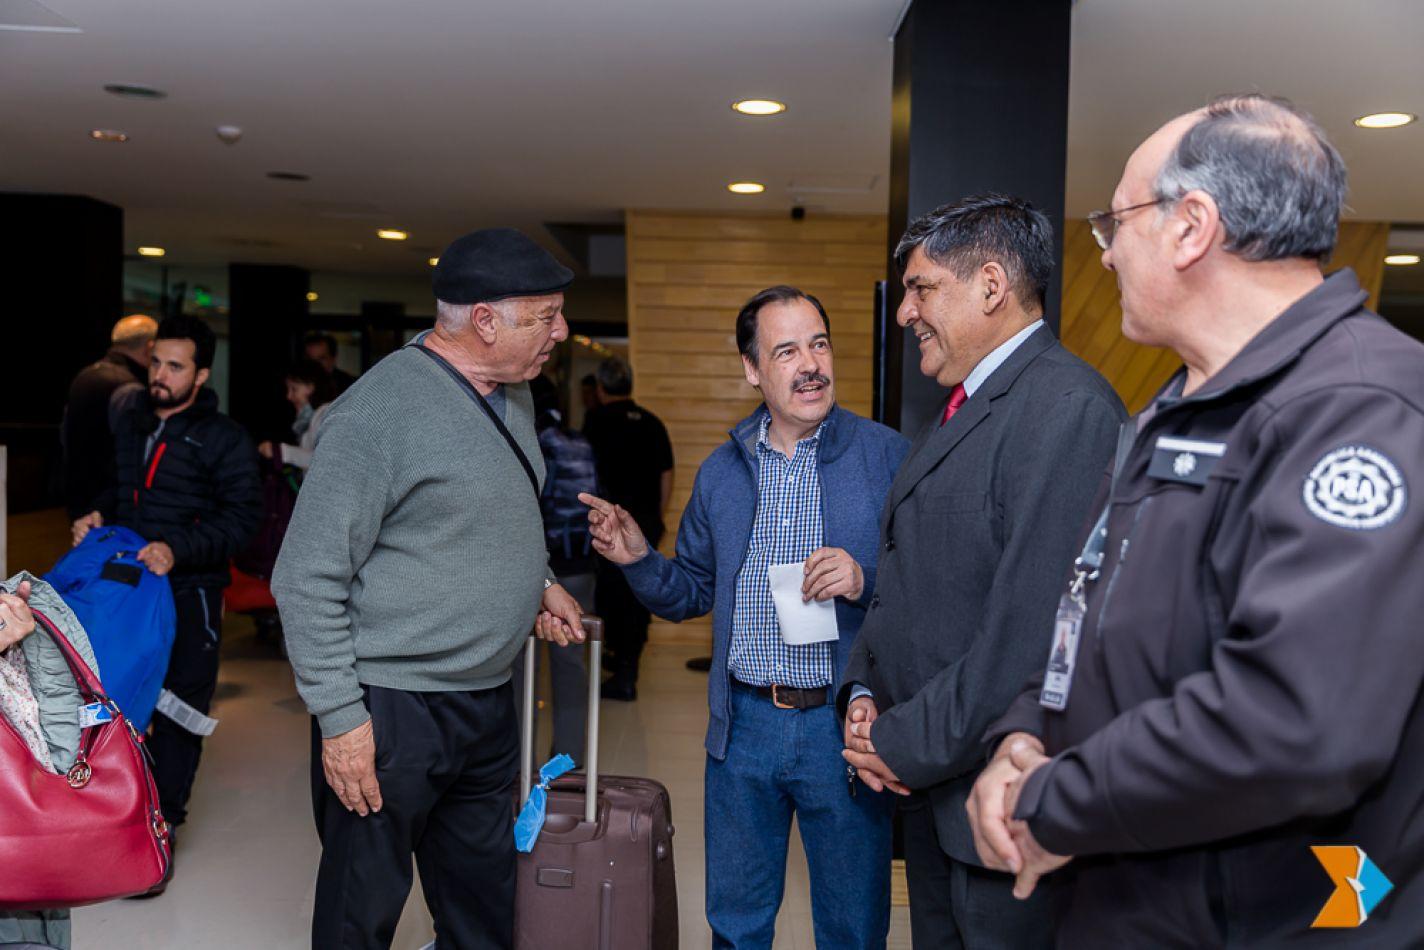 Juan Carlos Arcando, recibió, a Rubén Juan Fangio, hijo del quíntuple campeón del mundo de Formula 1